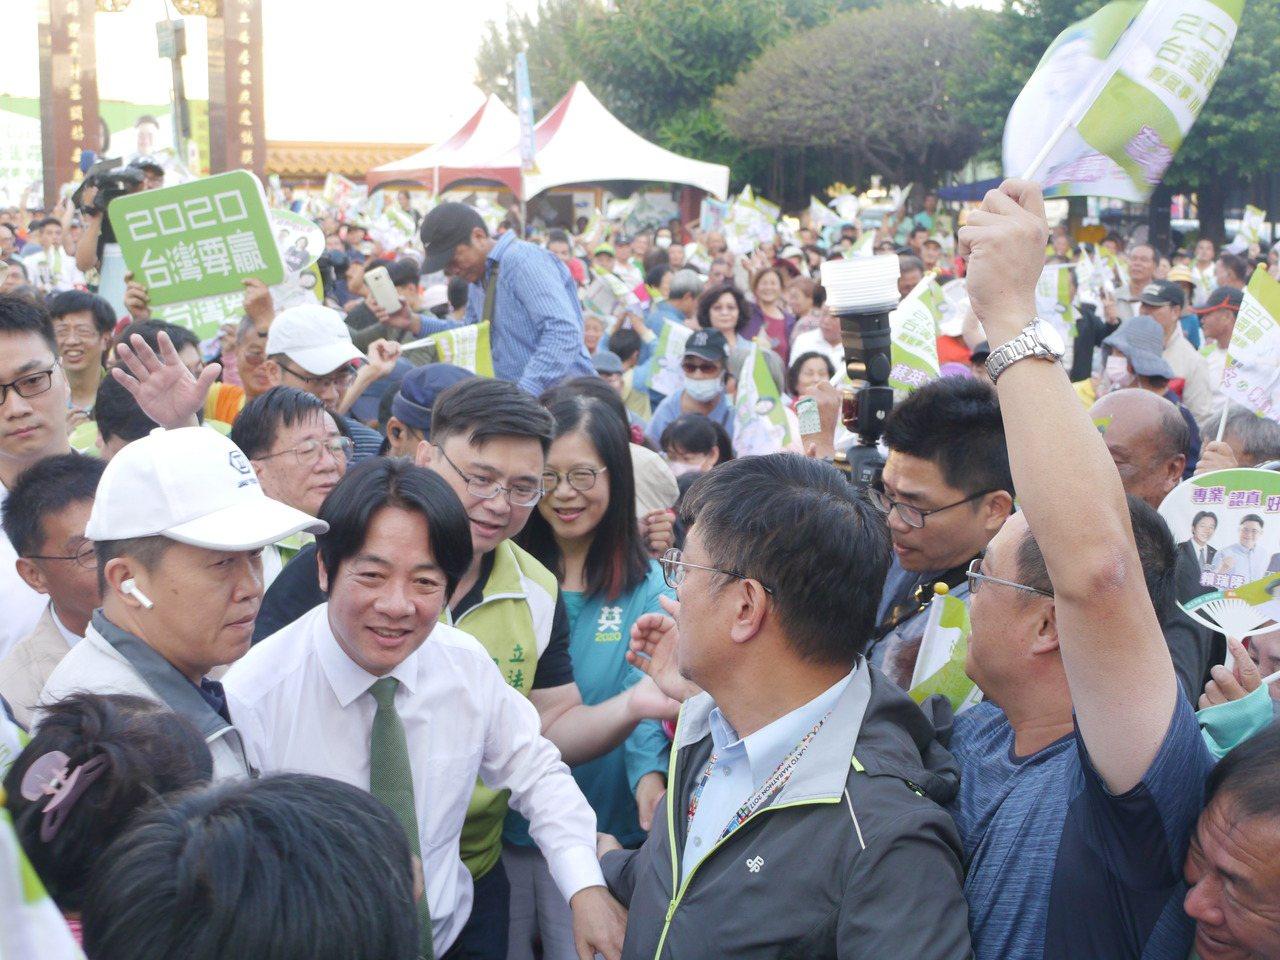 高市旗津居民十分熱情,賴清德以大進場模式進入活動會場。記者徐白櫻/攝影